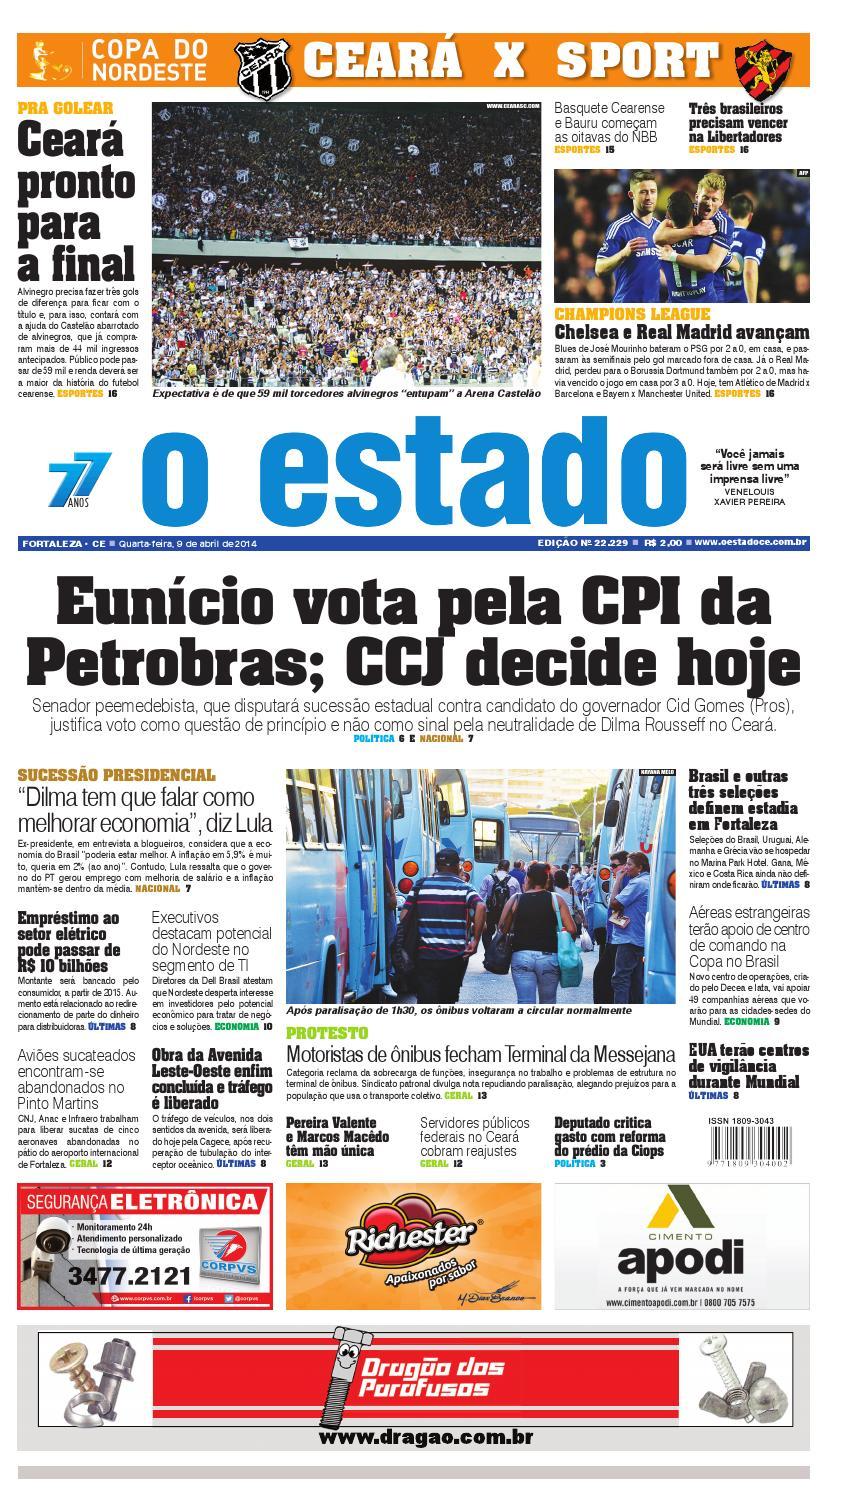 b521804873 Edição 9 de abril de 2014 by Jornal O Estado (Ceará) - issuu